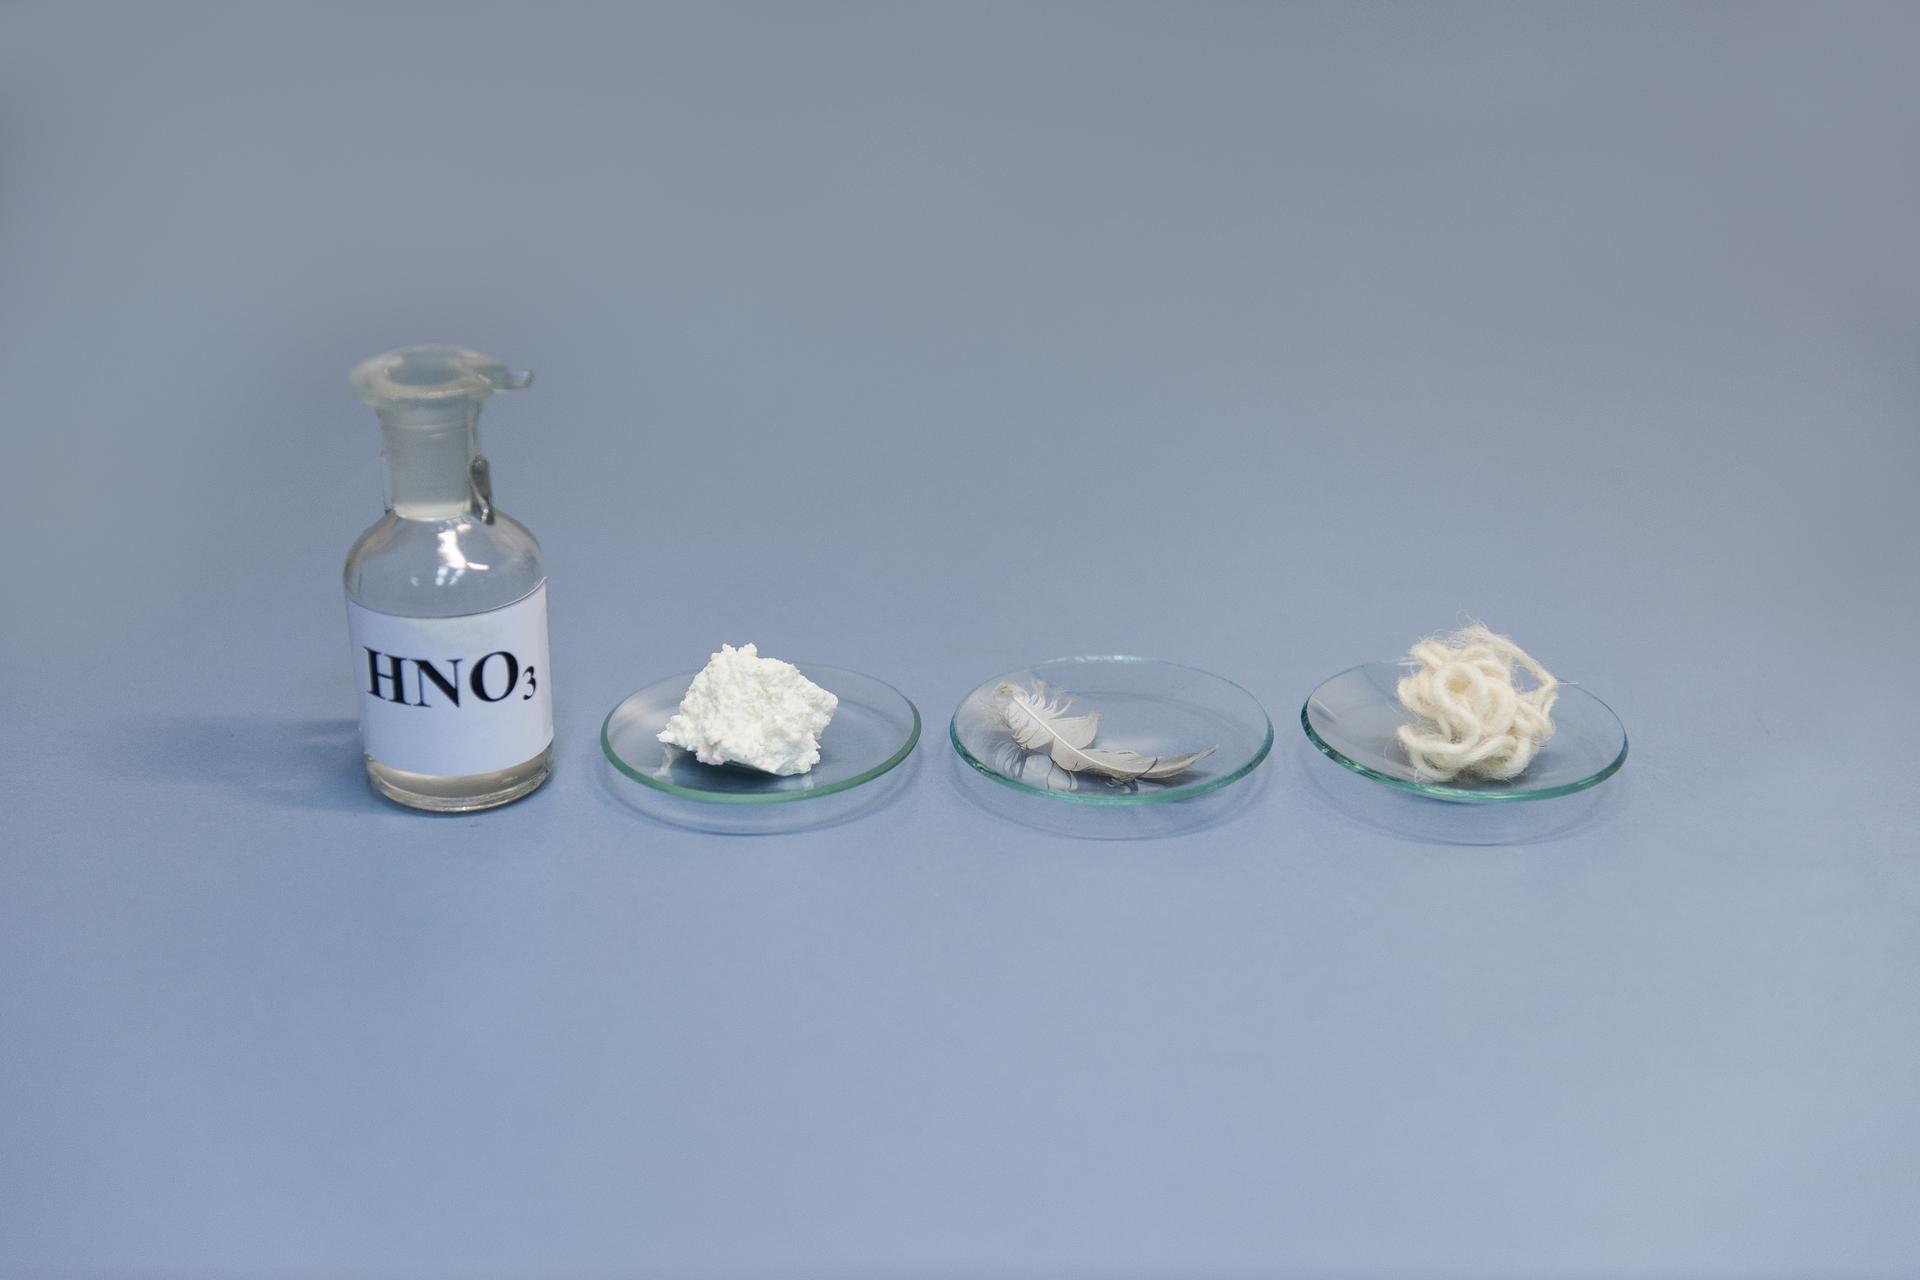 Pierwsze zdjęcie wgalerii. Na ilustracji prezentowana jest szklana butelka zetykietką inapisem HNO3 stojąca na niebieskim podłożu. Po jej prawej stronie na blacie laboratoryjnym stoją wszeregu trzy szkiełka zegarkowe zawierające kolejno: kawałek białego sera, ptasie pióro izwitek owczej wełny.